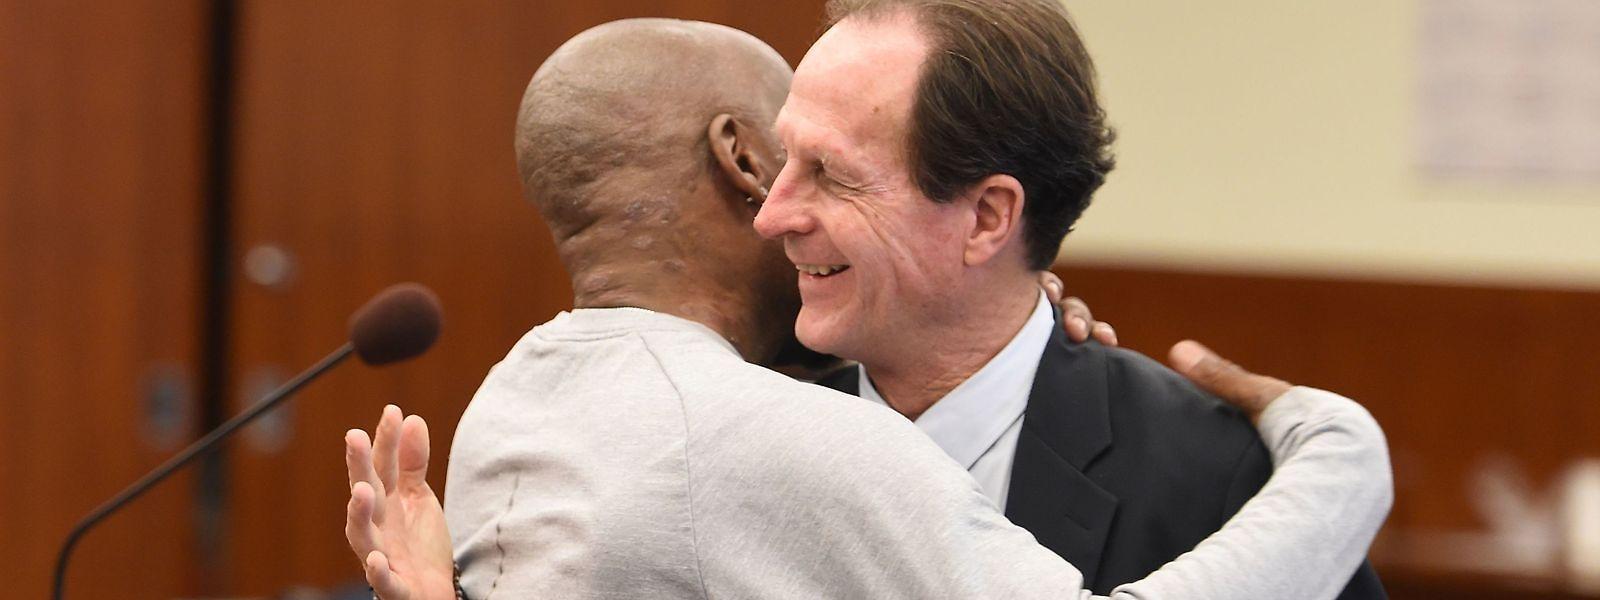 Tombé dans les bras de ses avocats à l'annonce du verdict, partagé entre larmes et sourire, cet Américain de 46 ans réclamait plus de 400 millions de dollars, estimant que les produits de Monsanto avaient entraîné son cancer et que la multinationale avait sciemment caché leur dangerosité.